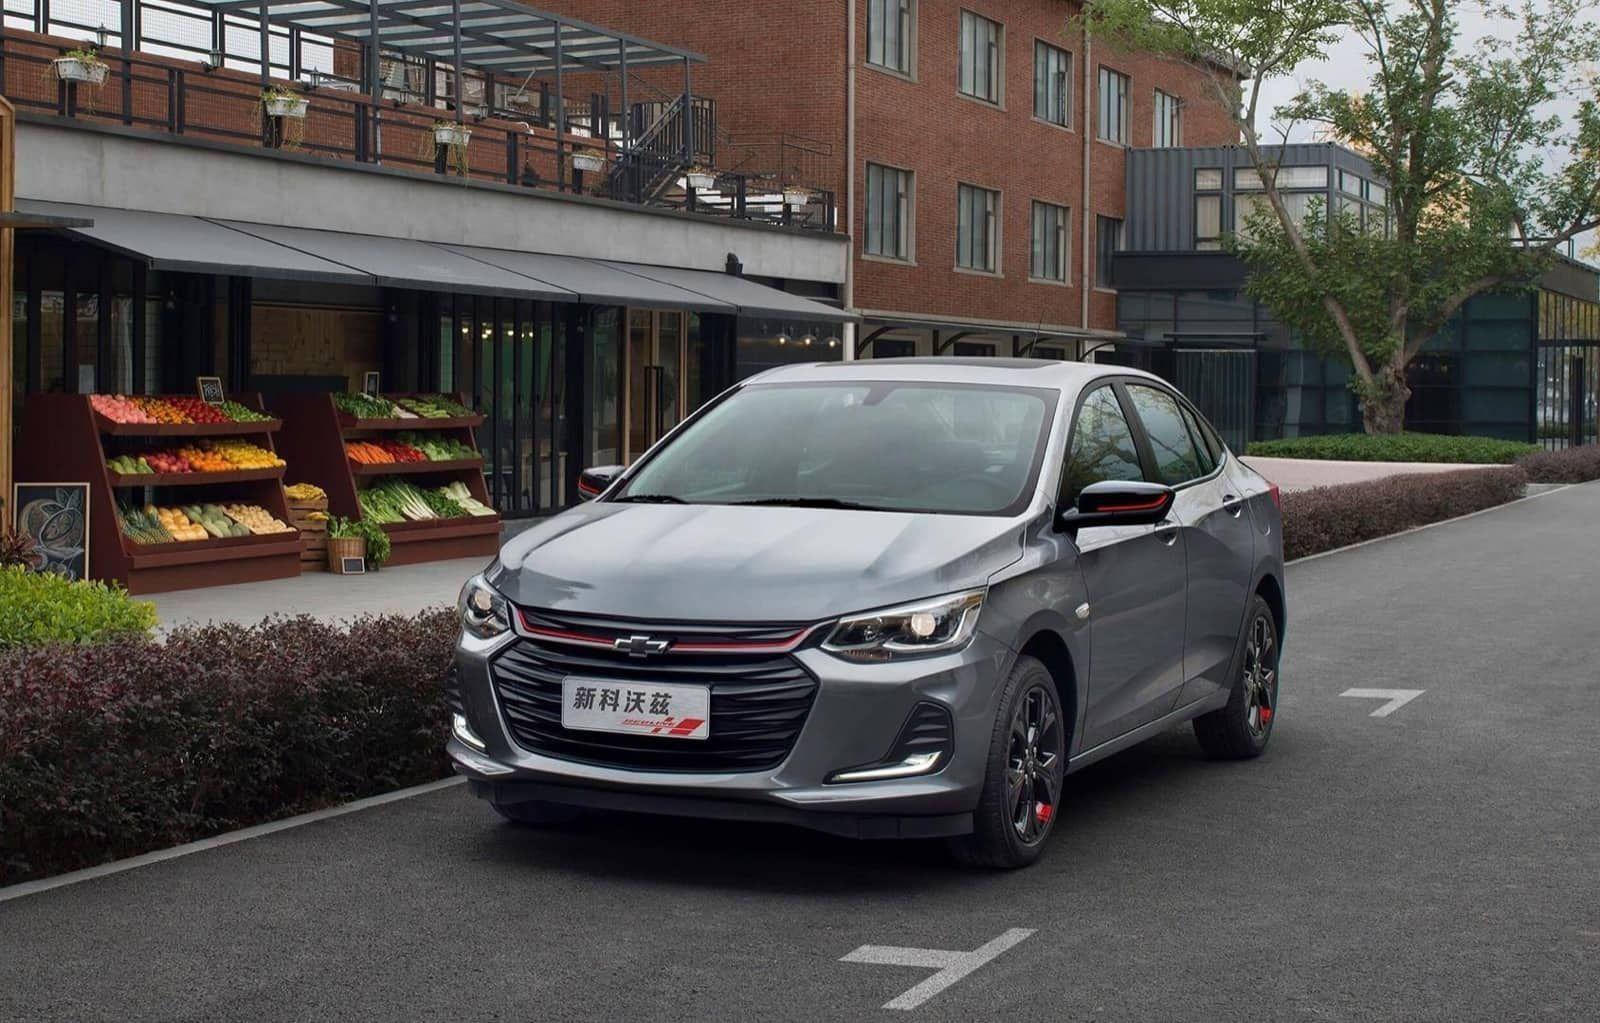 El Nuevo Chevrolet Onix De Saic Gm En Mayor Detalle Toyota Supra Carro Mais Vendido Jetta Gli